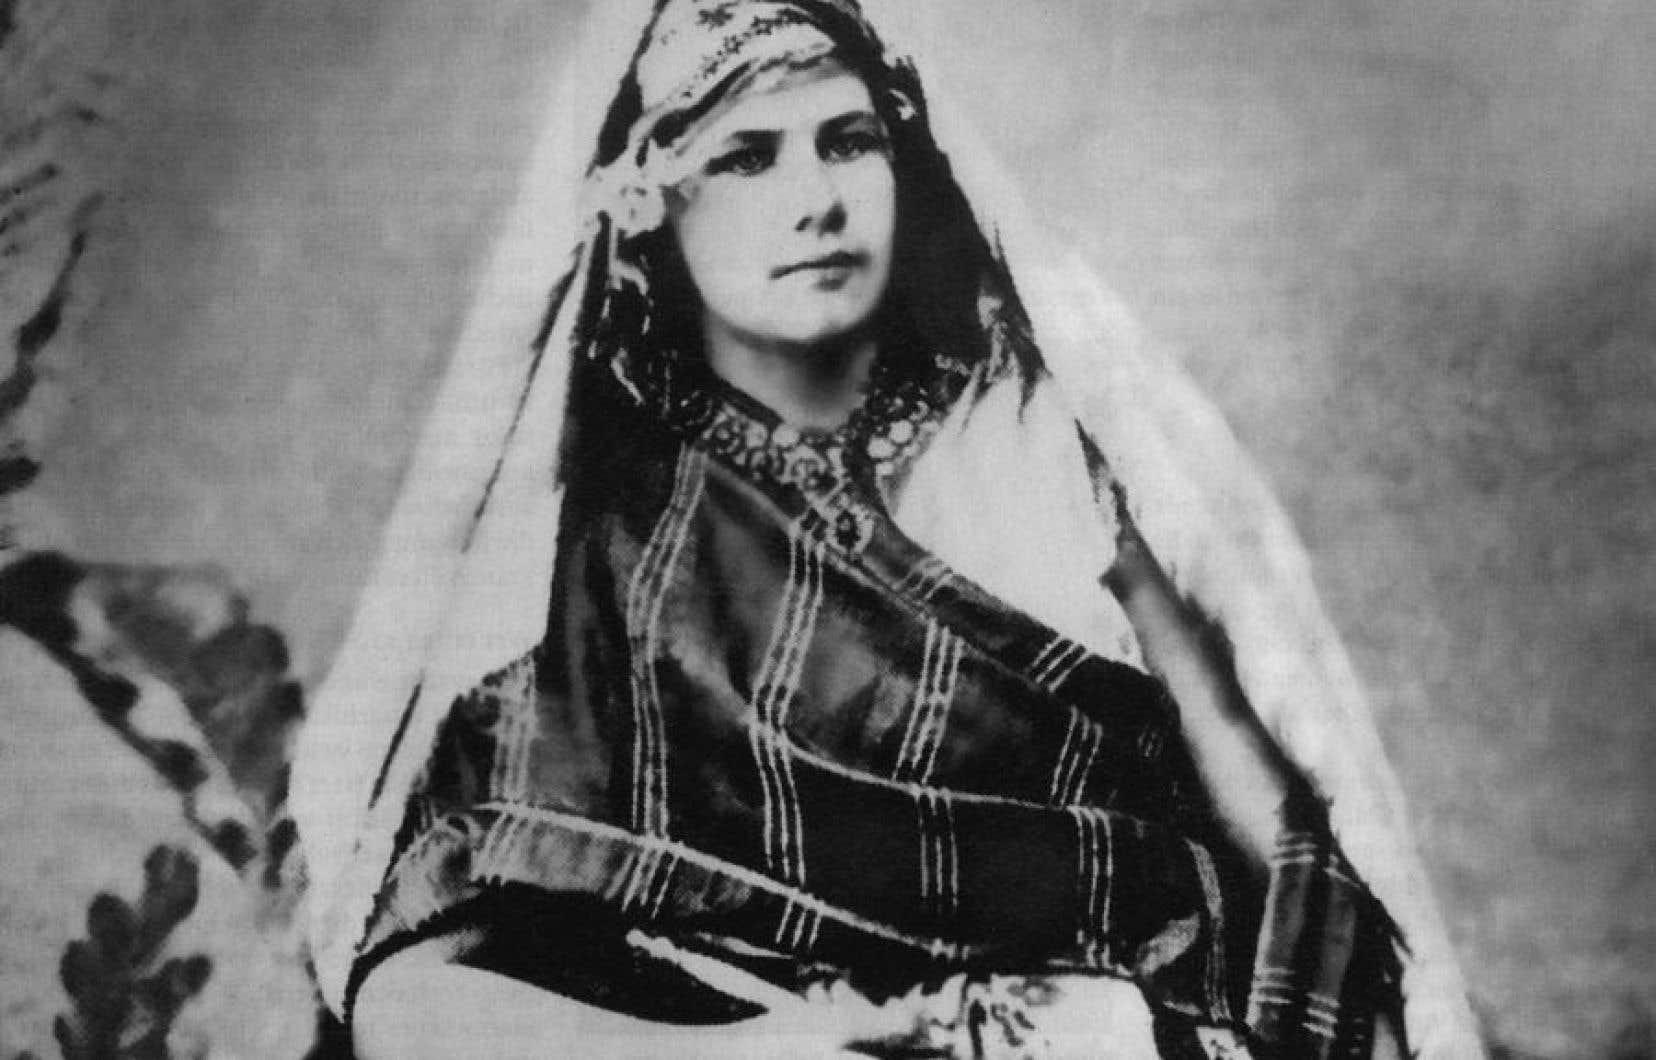 Née en Suisse, Isabelle Eberhardt a passé sa vie à parcourir le Maghreb, habillée en cavalier arabe, avec Mahmoud Saadi comme nom d'emprunt.